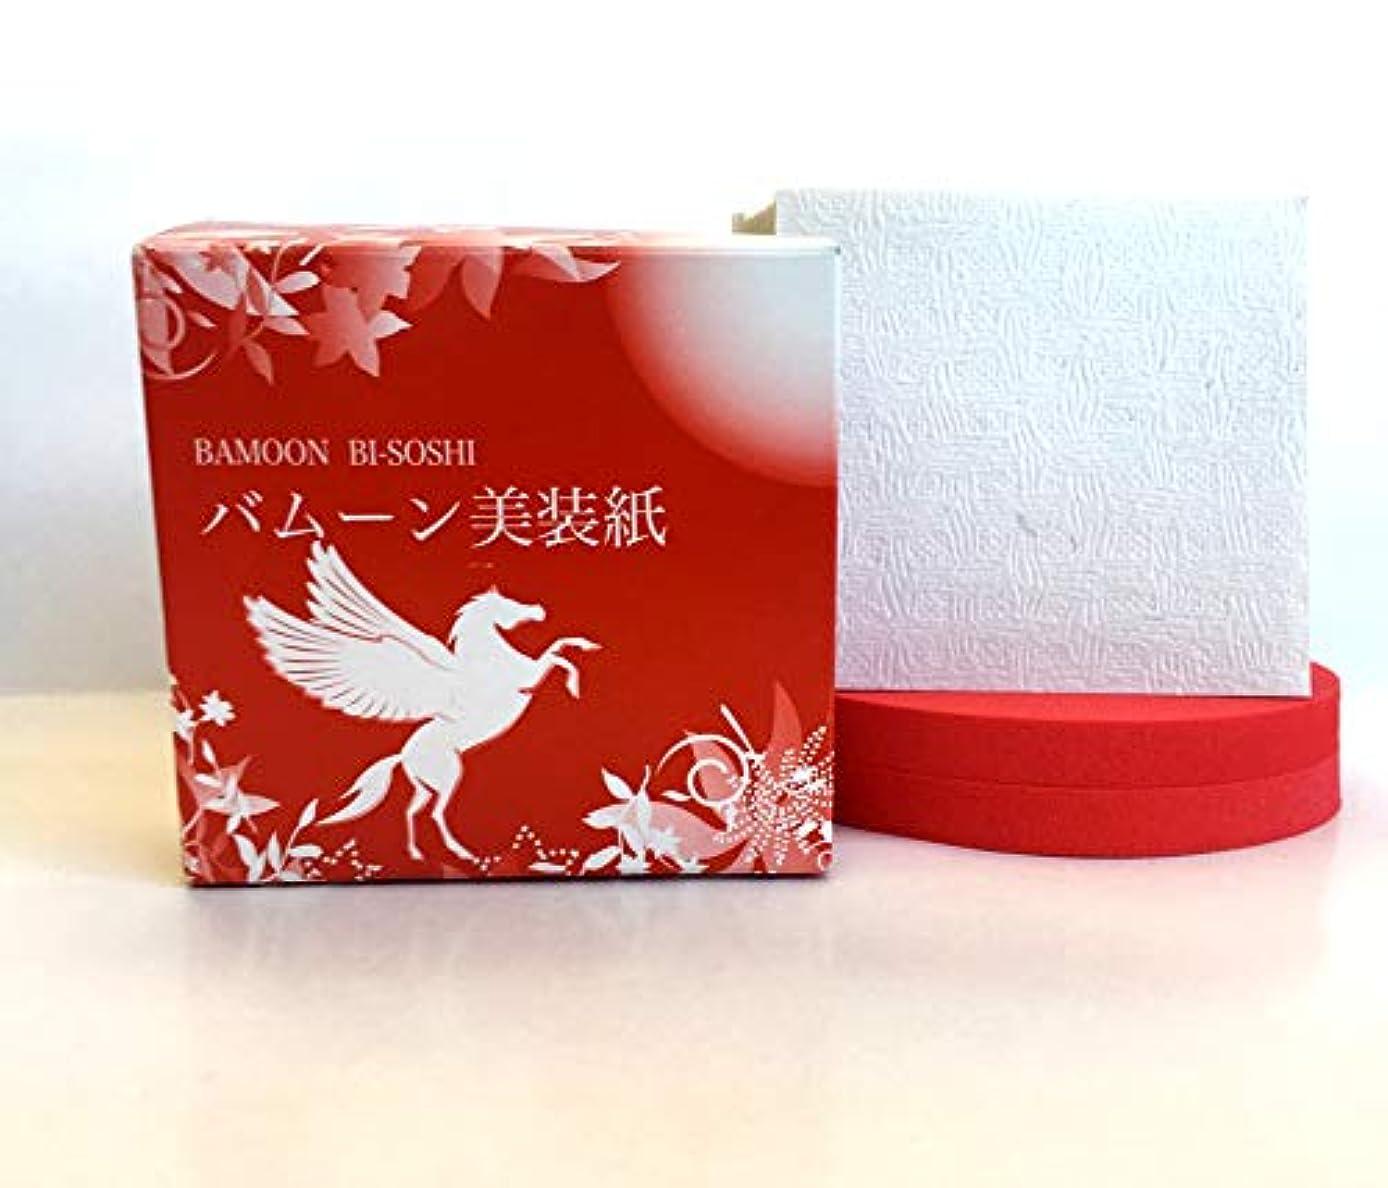 生活控えめな大量スターアベニュー バムーン美装紙 60枚入 和紙洗顔 ゼオライト トルマリン配合